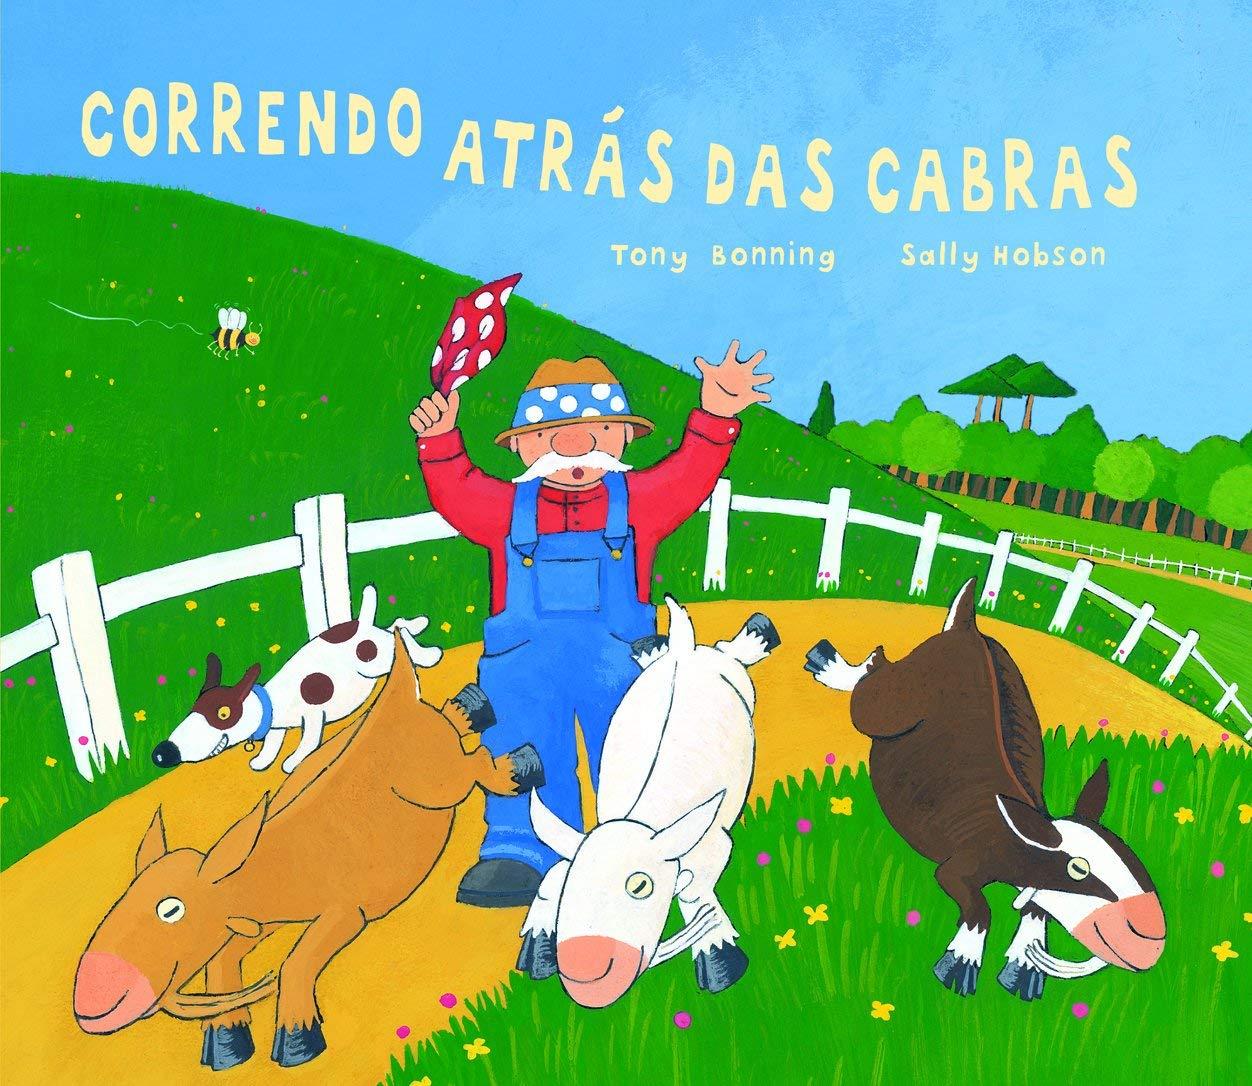 CORRENDO ATRAS DAS CABRAS